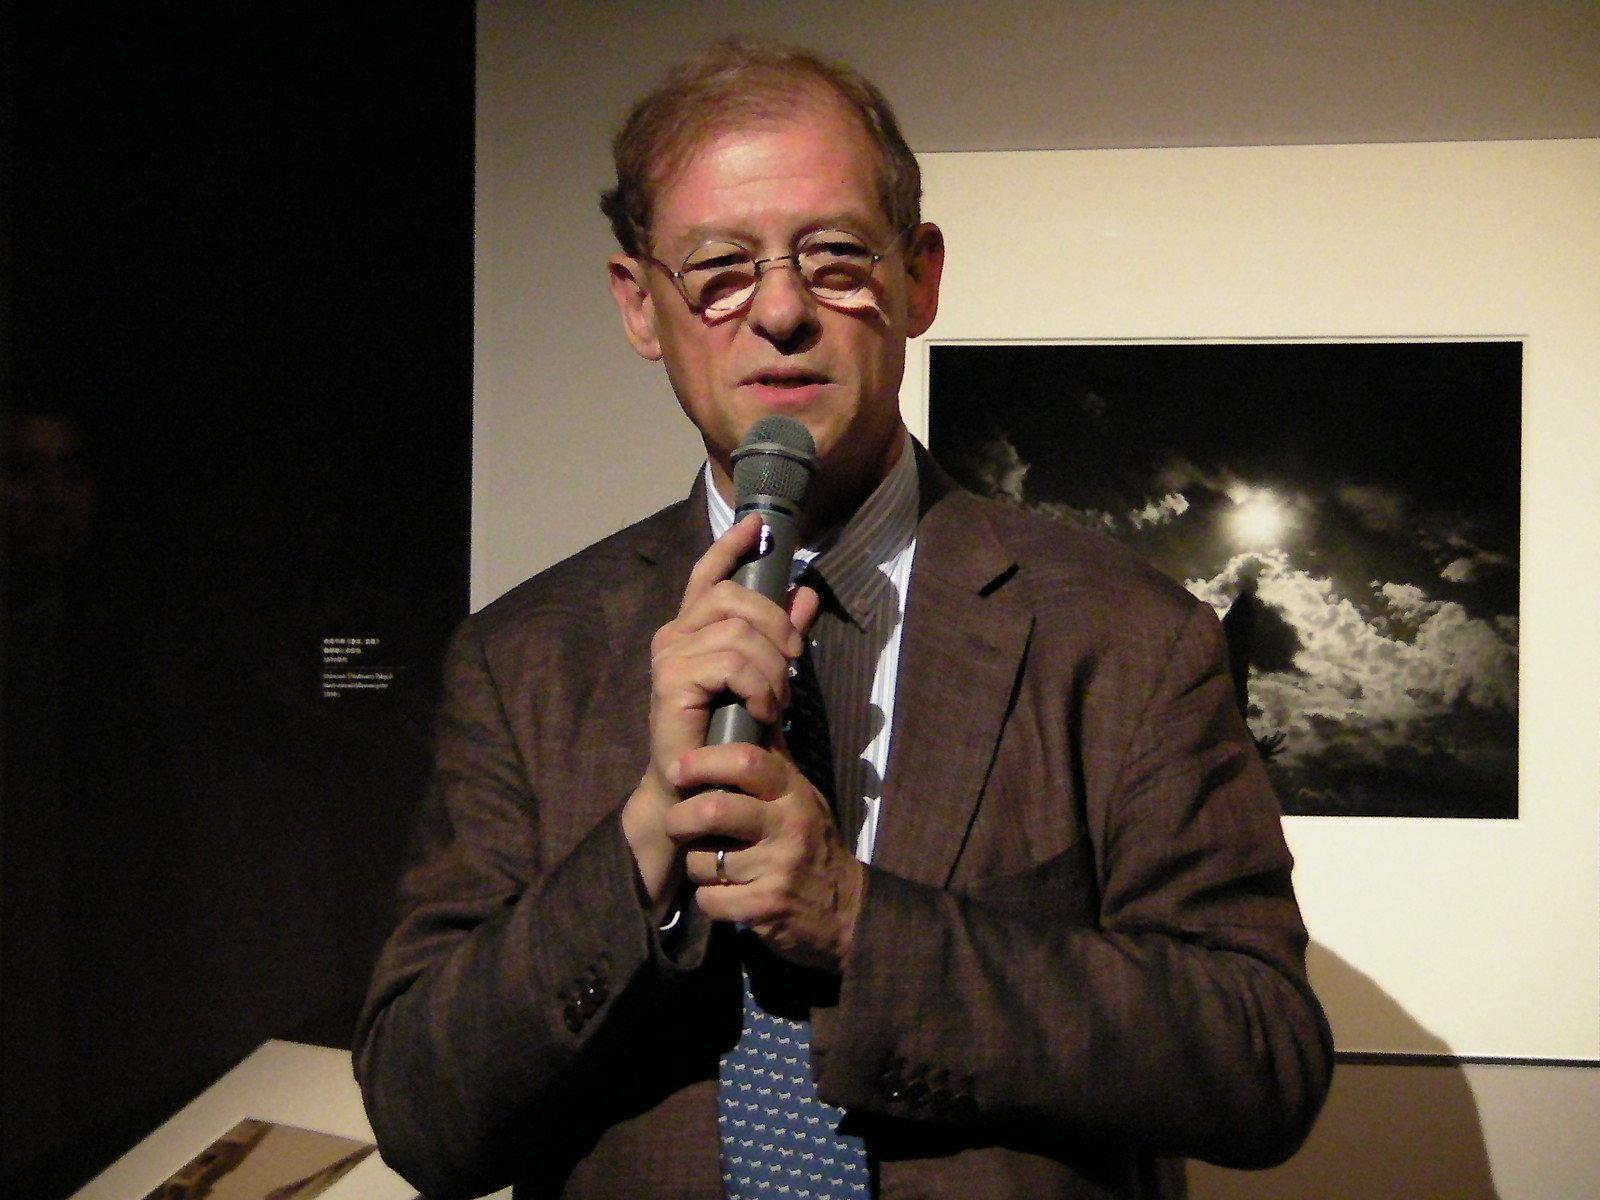 シャネル株式会社 代表取締役社長のリシャール・コラス 以前からアラーキーの大ファンだったと熱く語った。